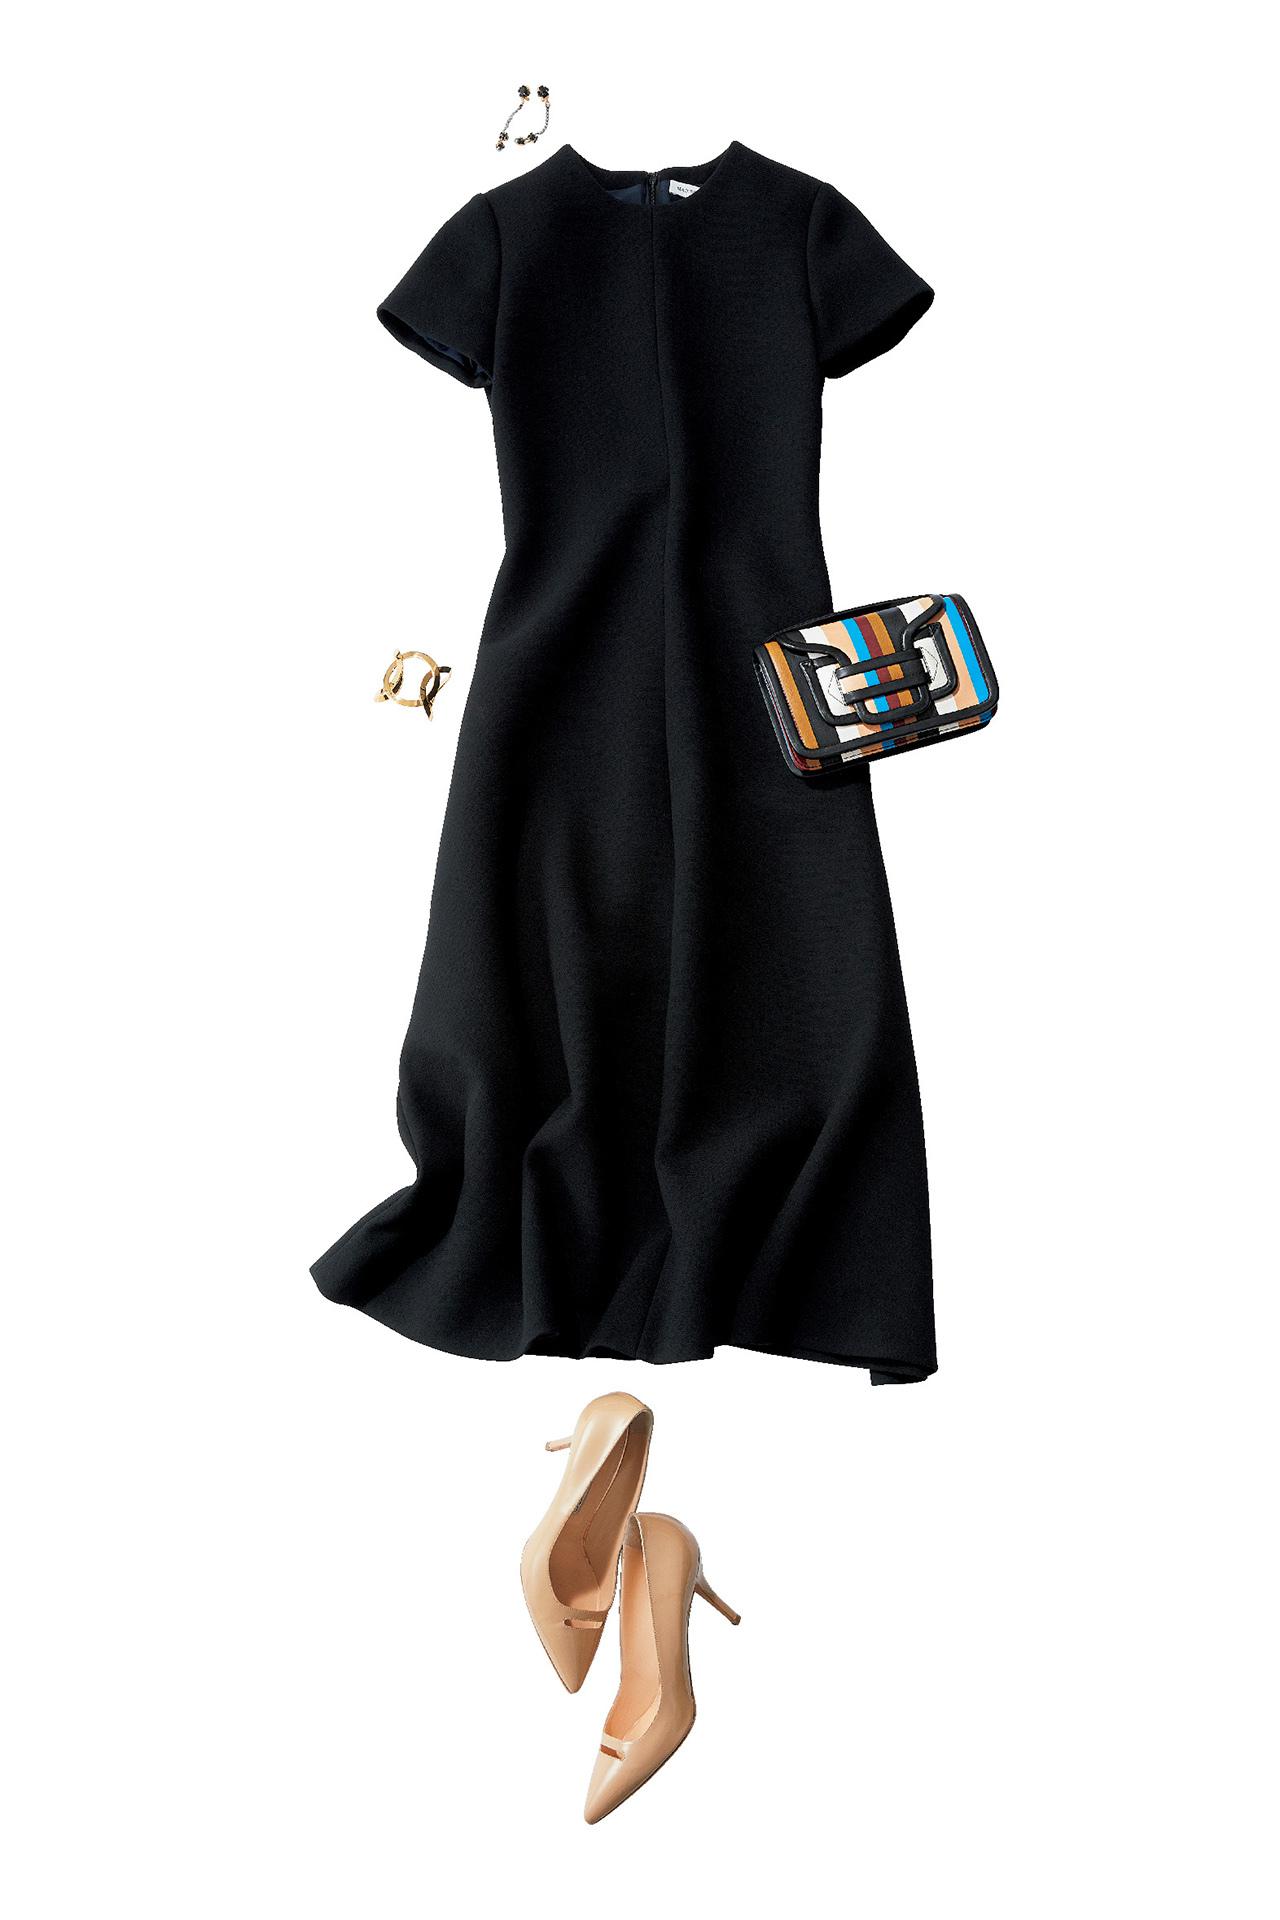 品のあるフェミニンワンピースで、好感度の高い同窓会ファッションに 五選_1_1-5